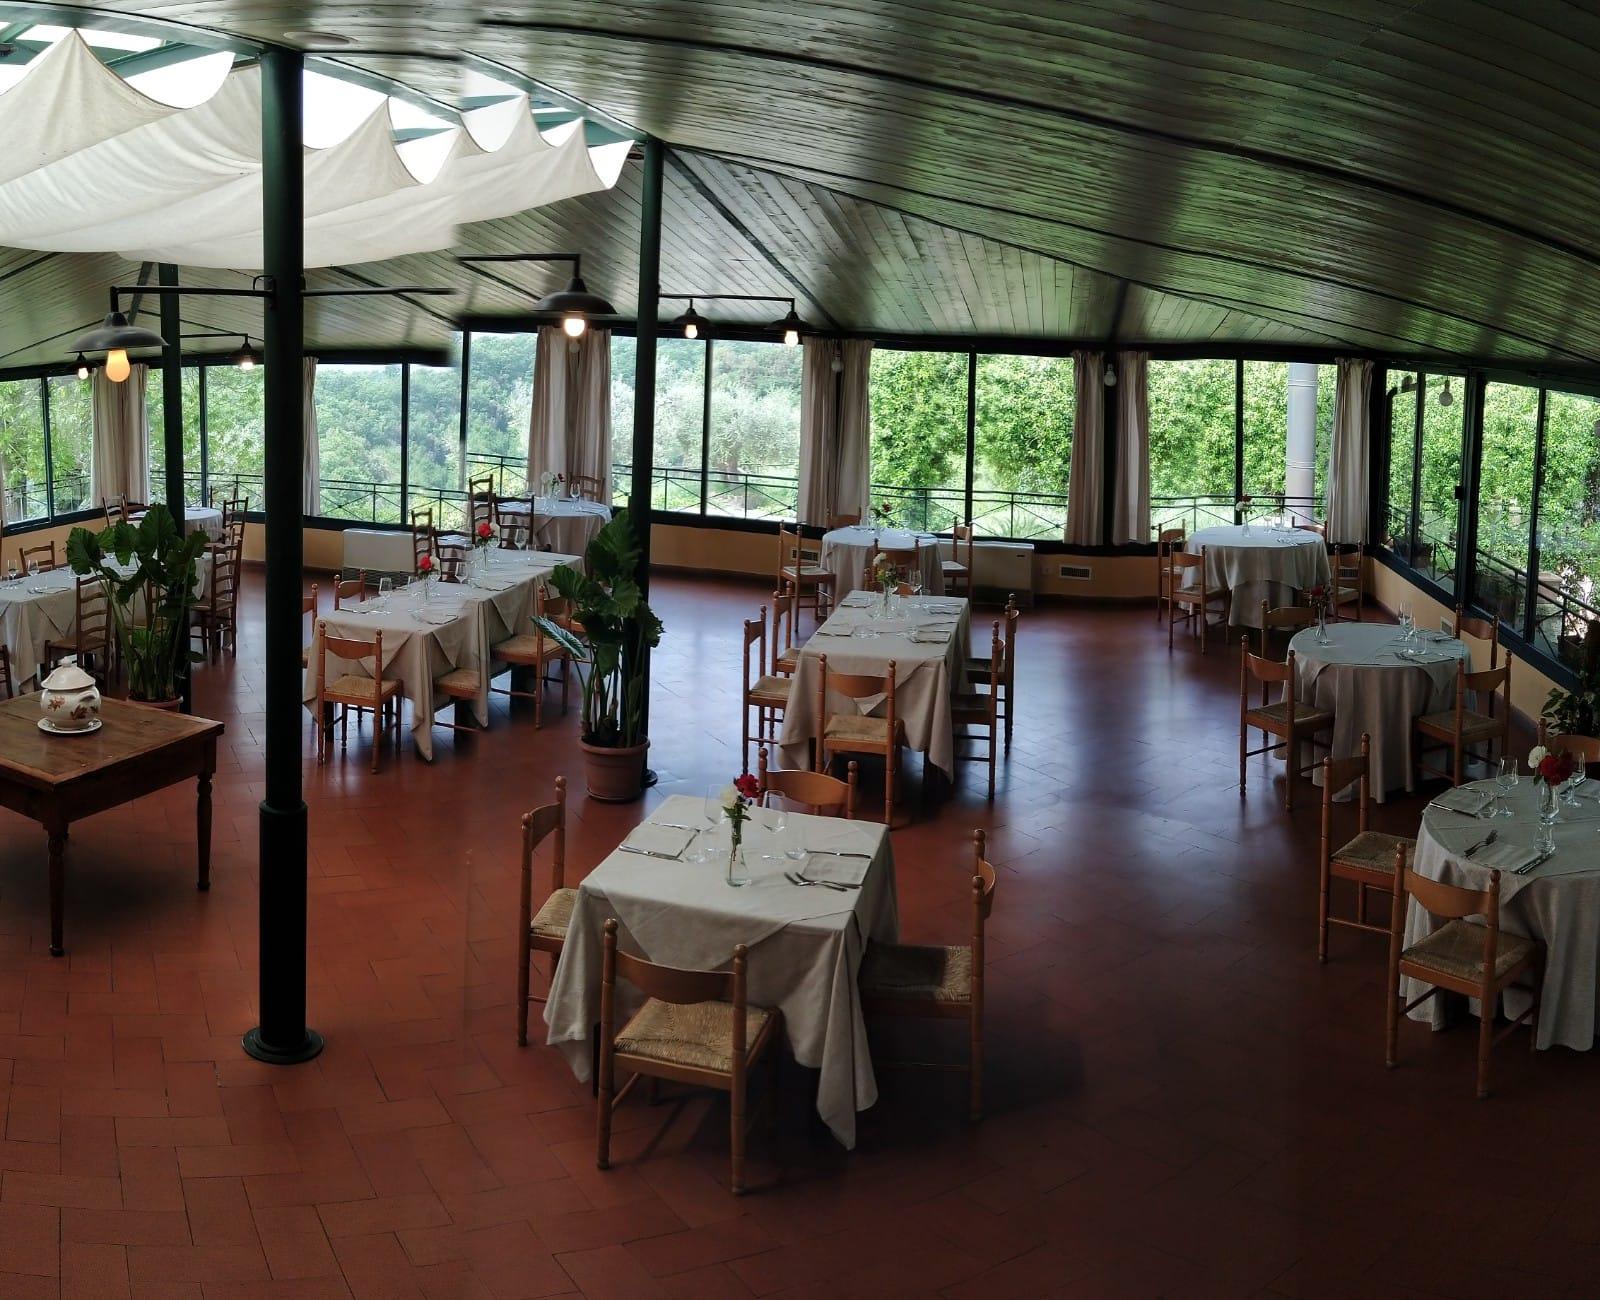 Salone da pranzo del Ristorante dei Merli